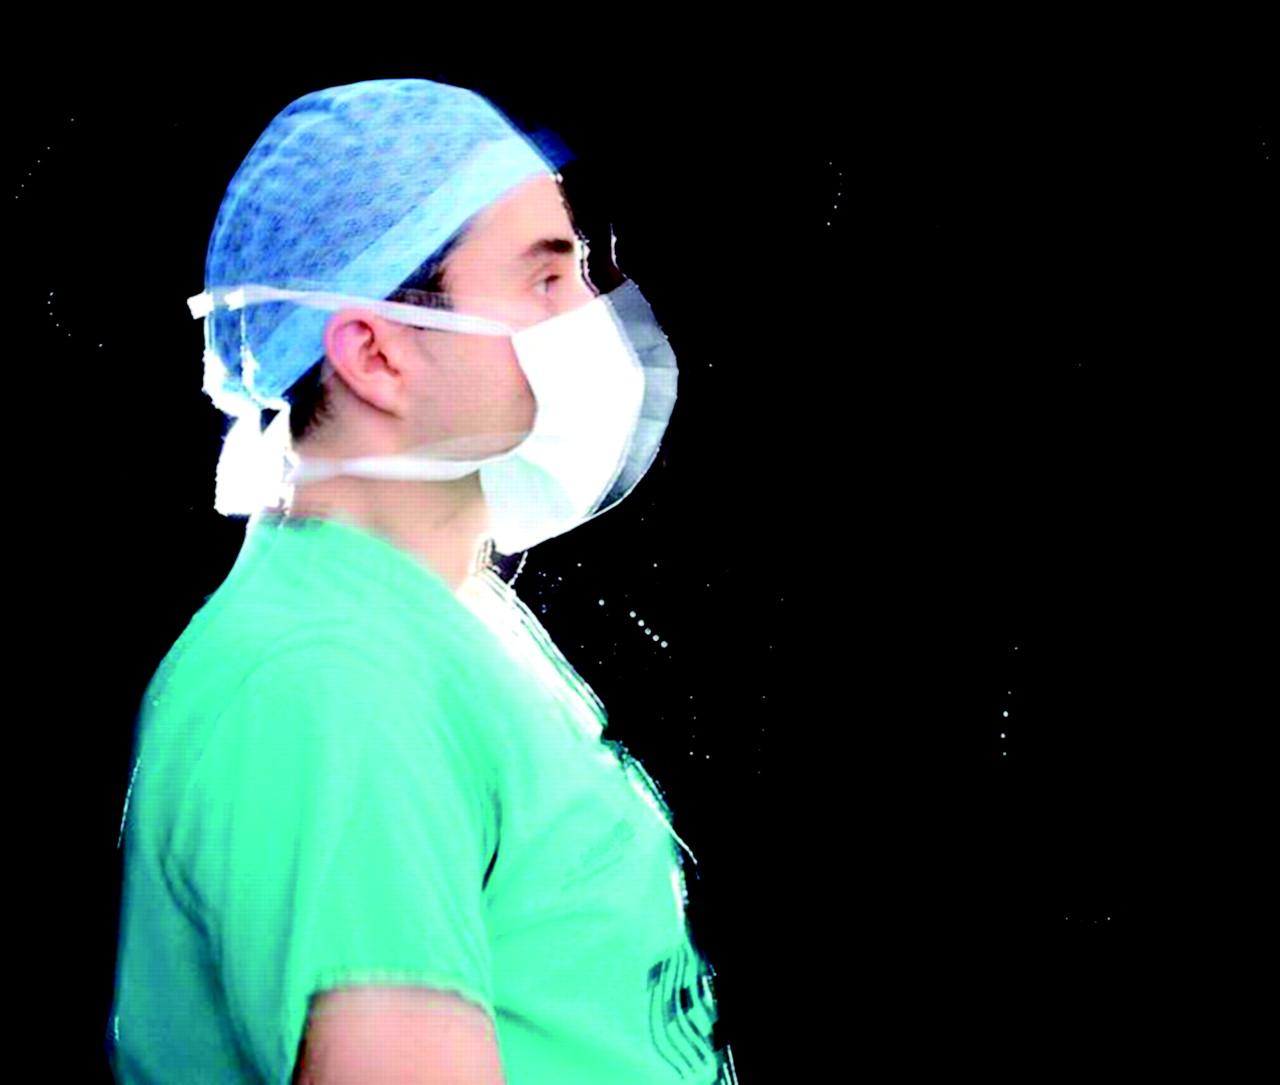 vg logic surgical mask